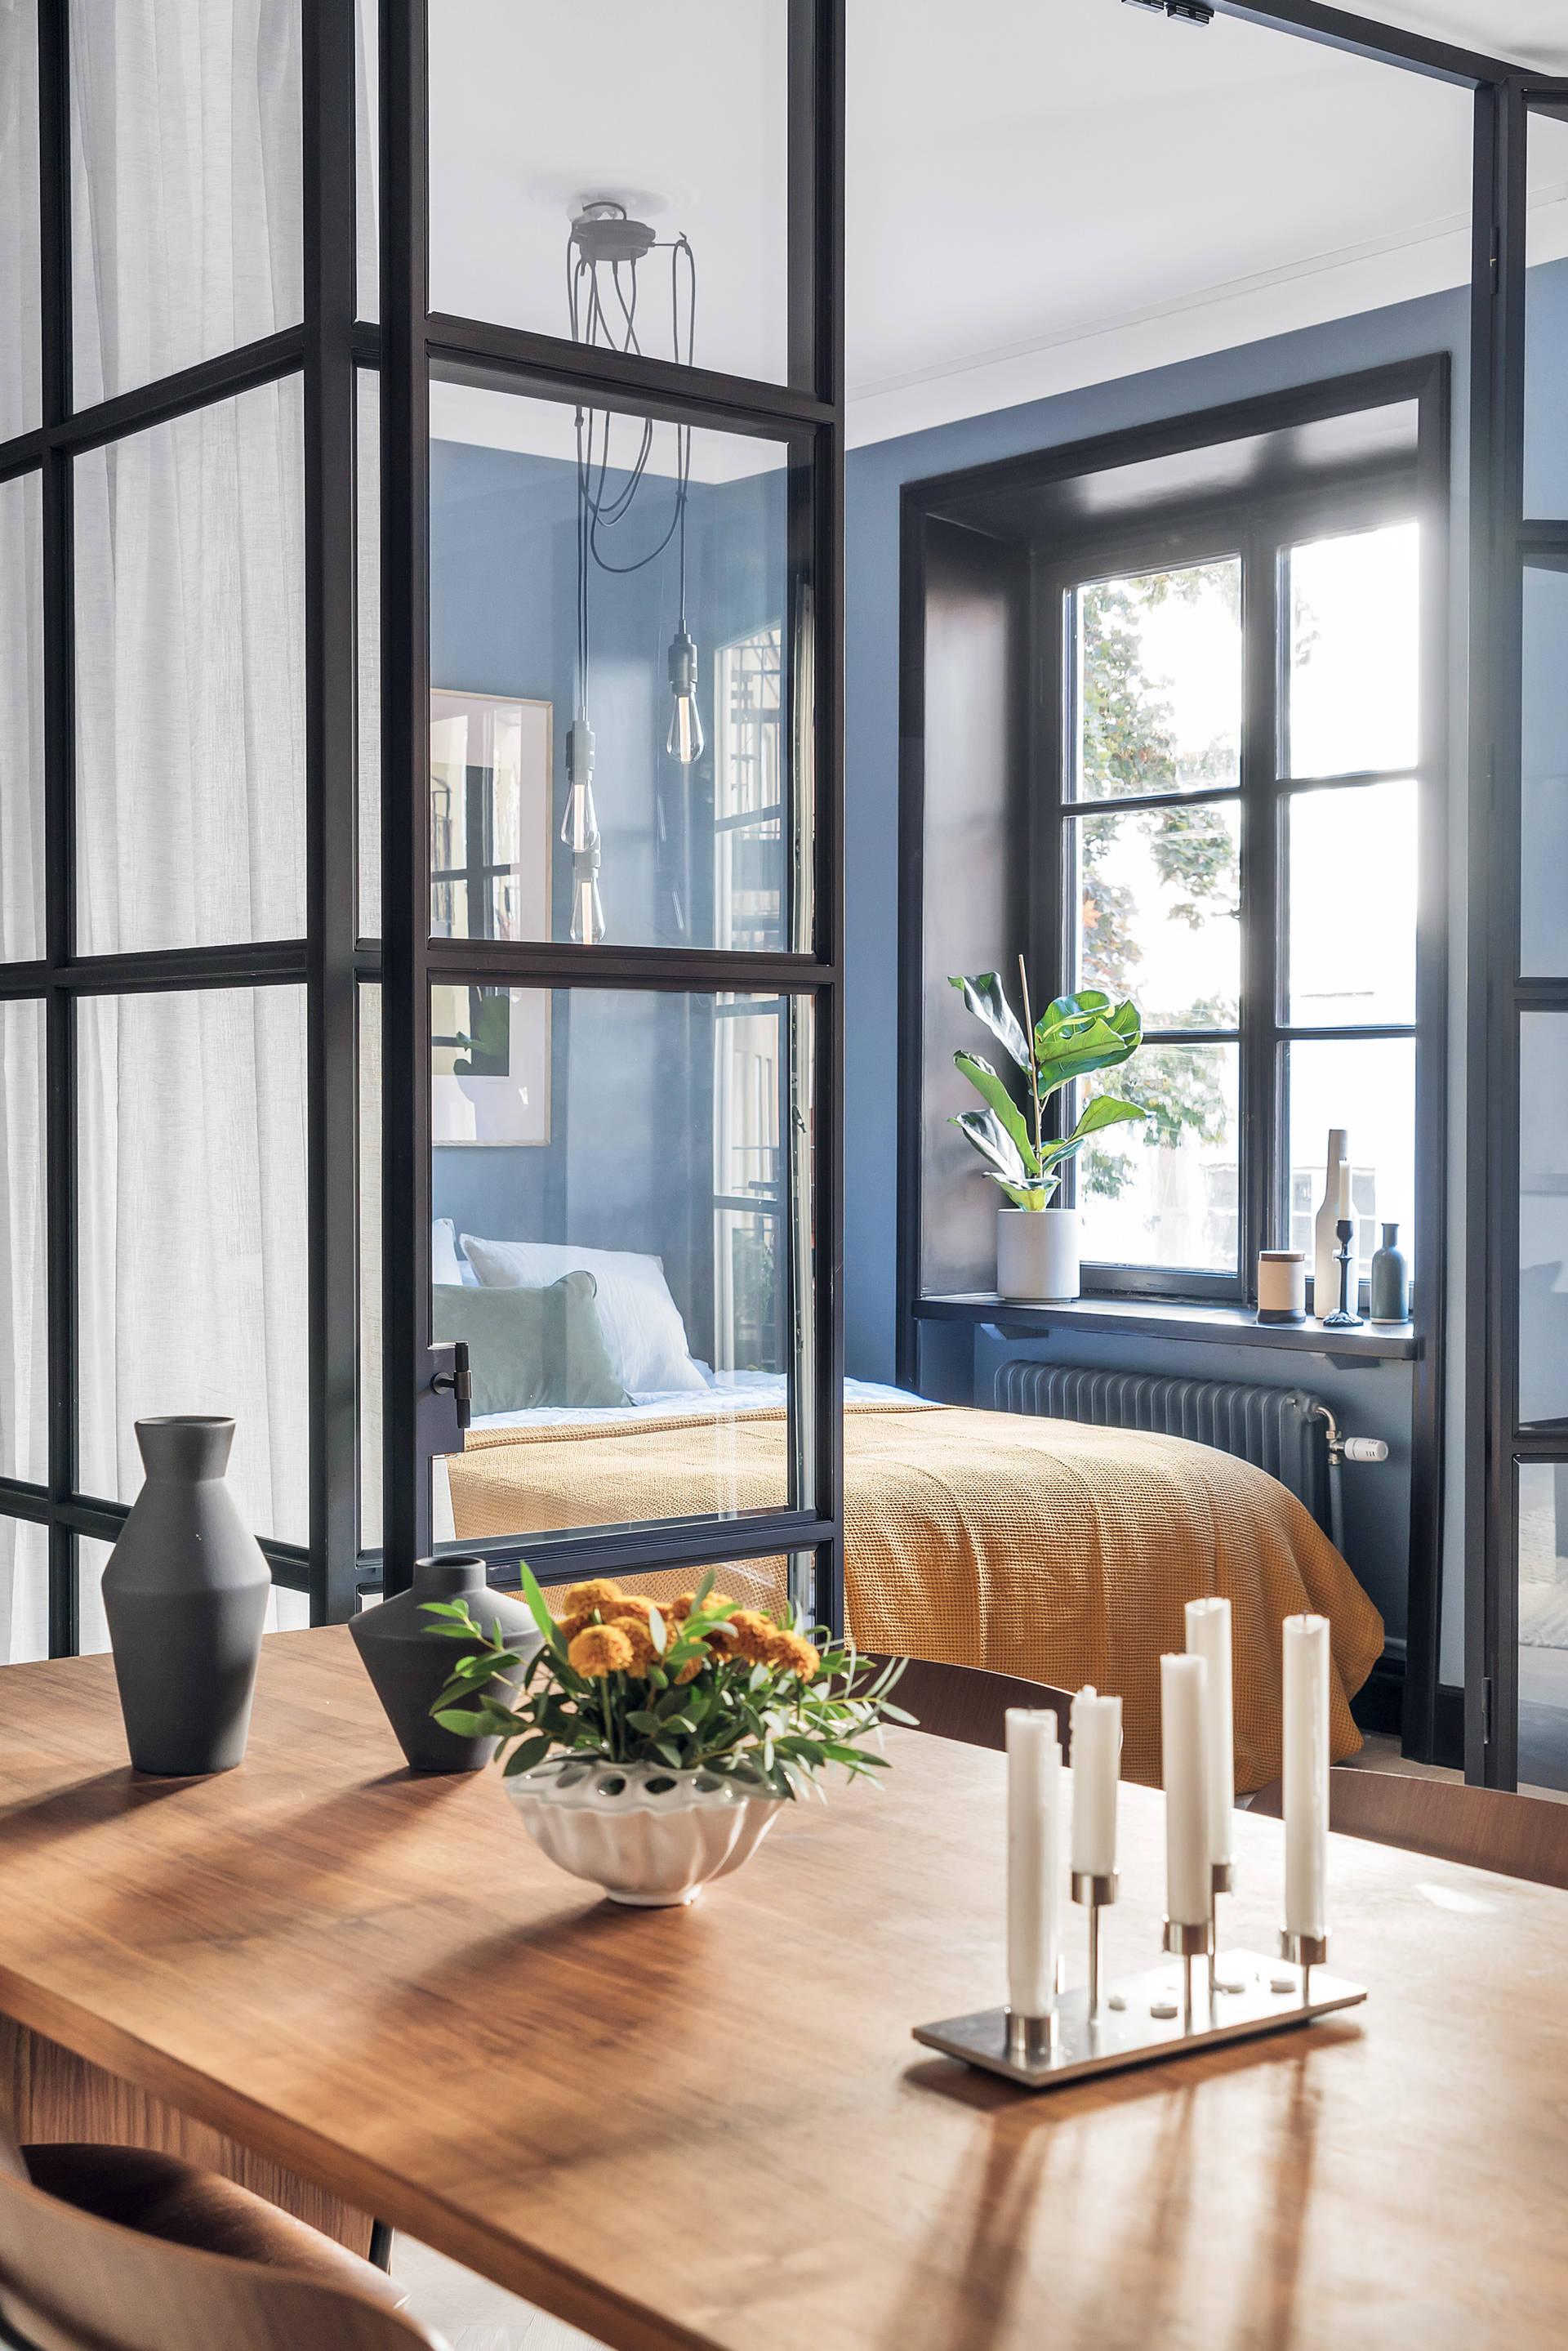 10 mẫu phòng ngủ lý tưởng với vách ngăn bằng kính với không gian còn lại trong nhà - Ảnh 5.